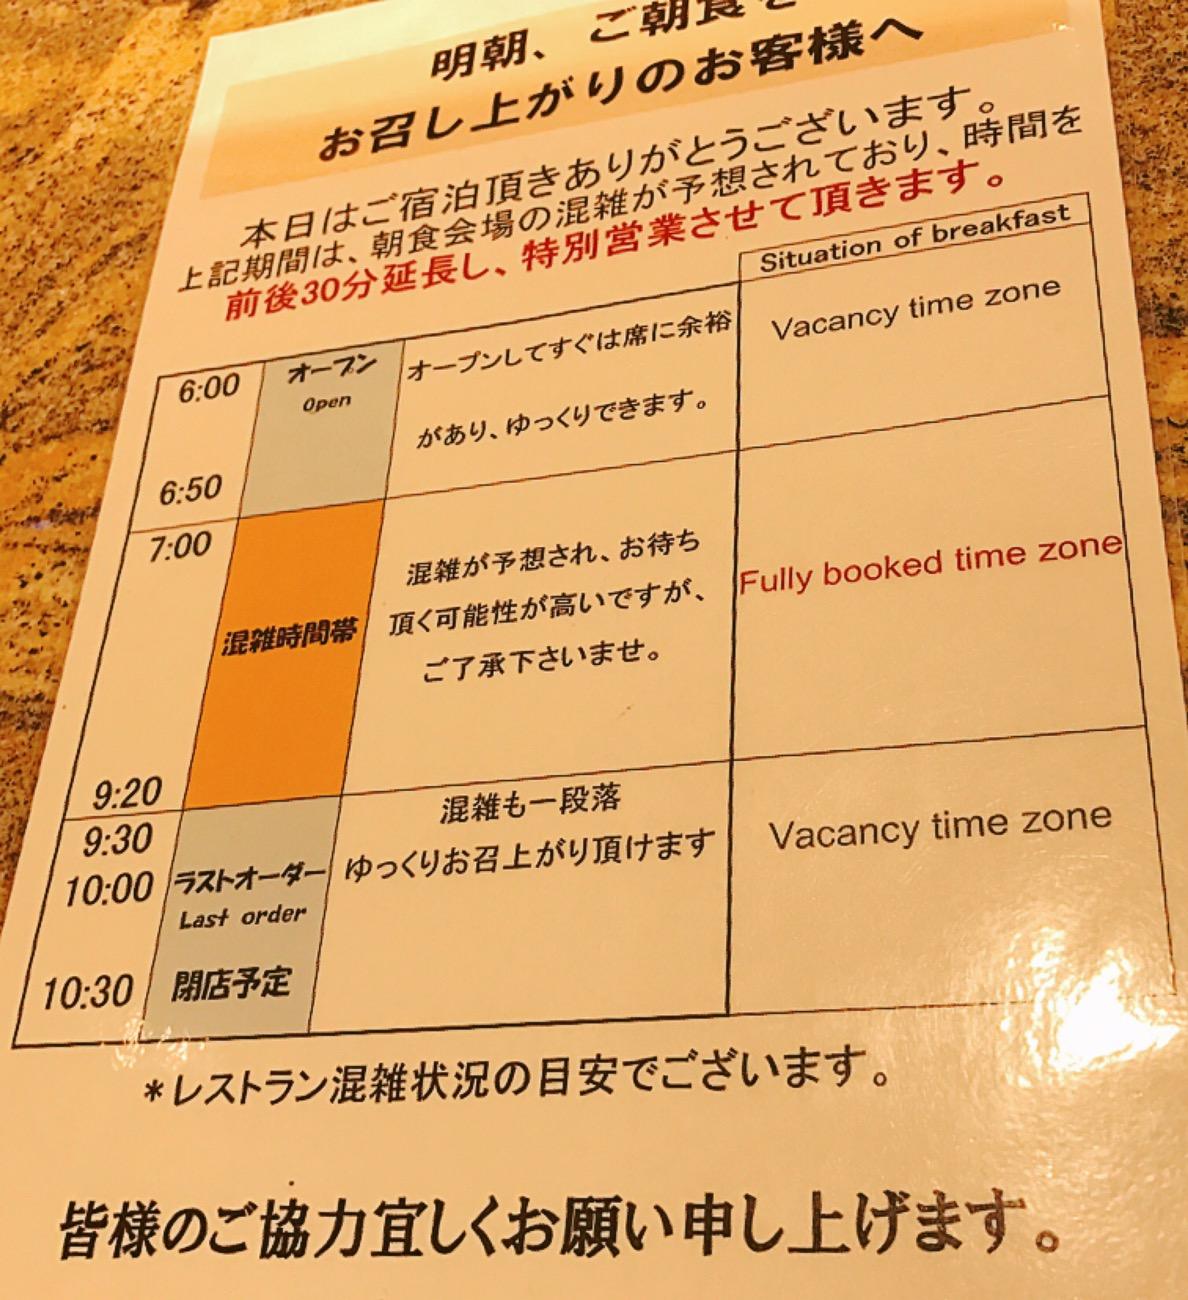 ドーミーインプレミアム札幌 朝食混雑状況